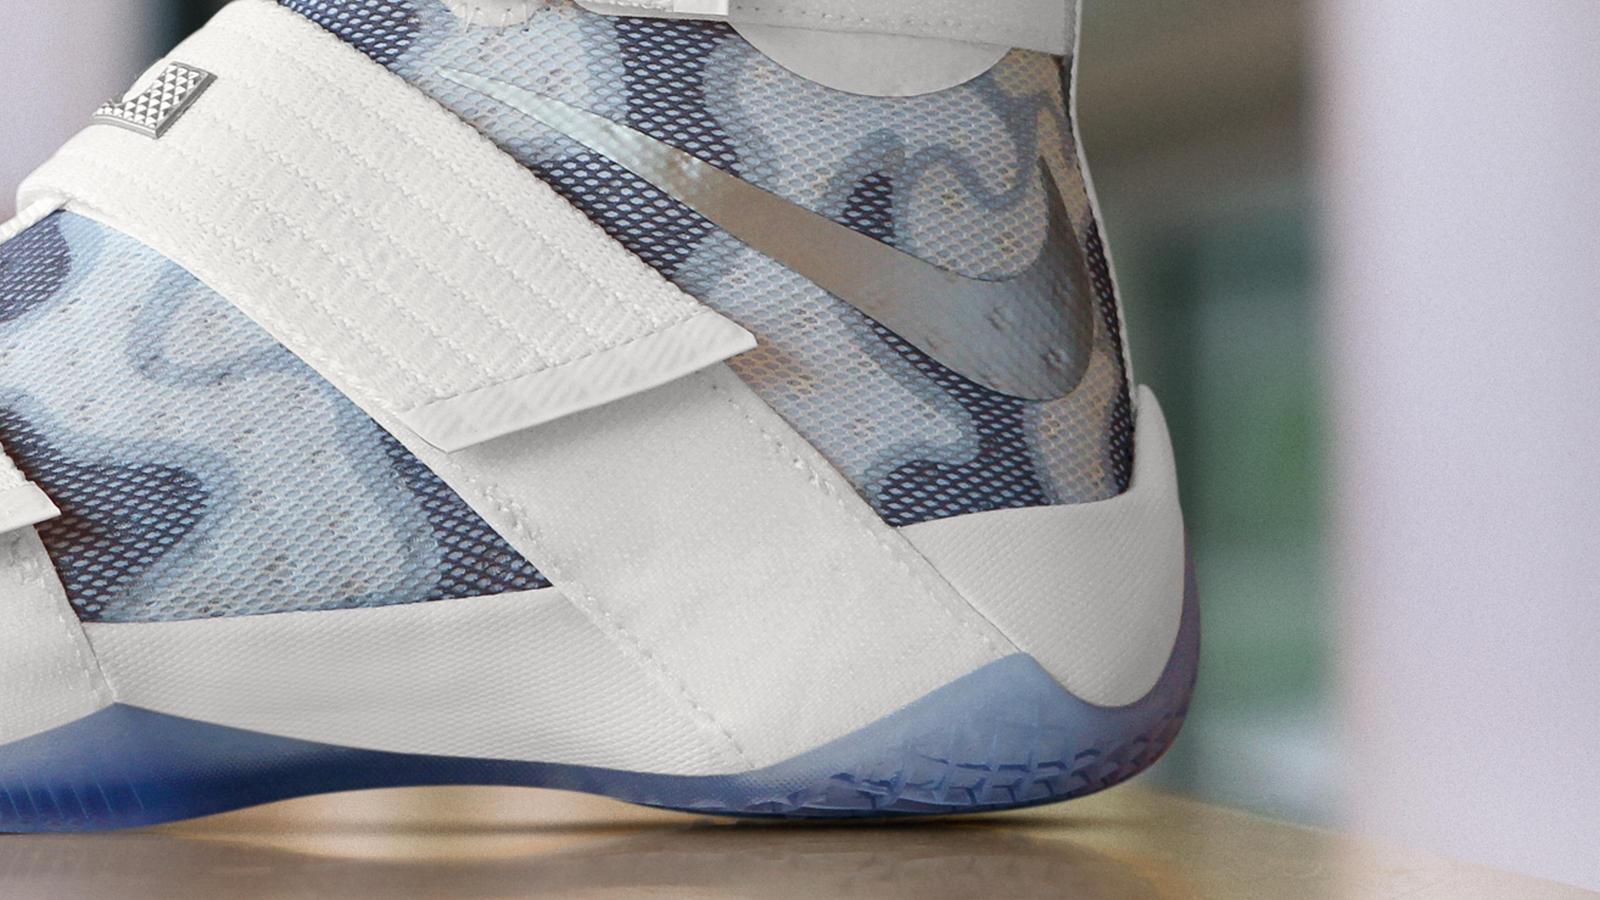 san francisco 3203f b4371 Nike Zoom LeBron Soldier 10 White Camo NIKEiD Option 1